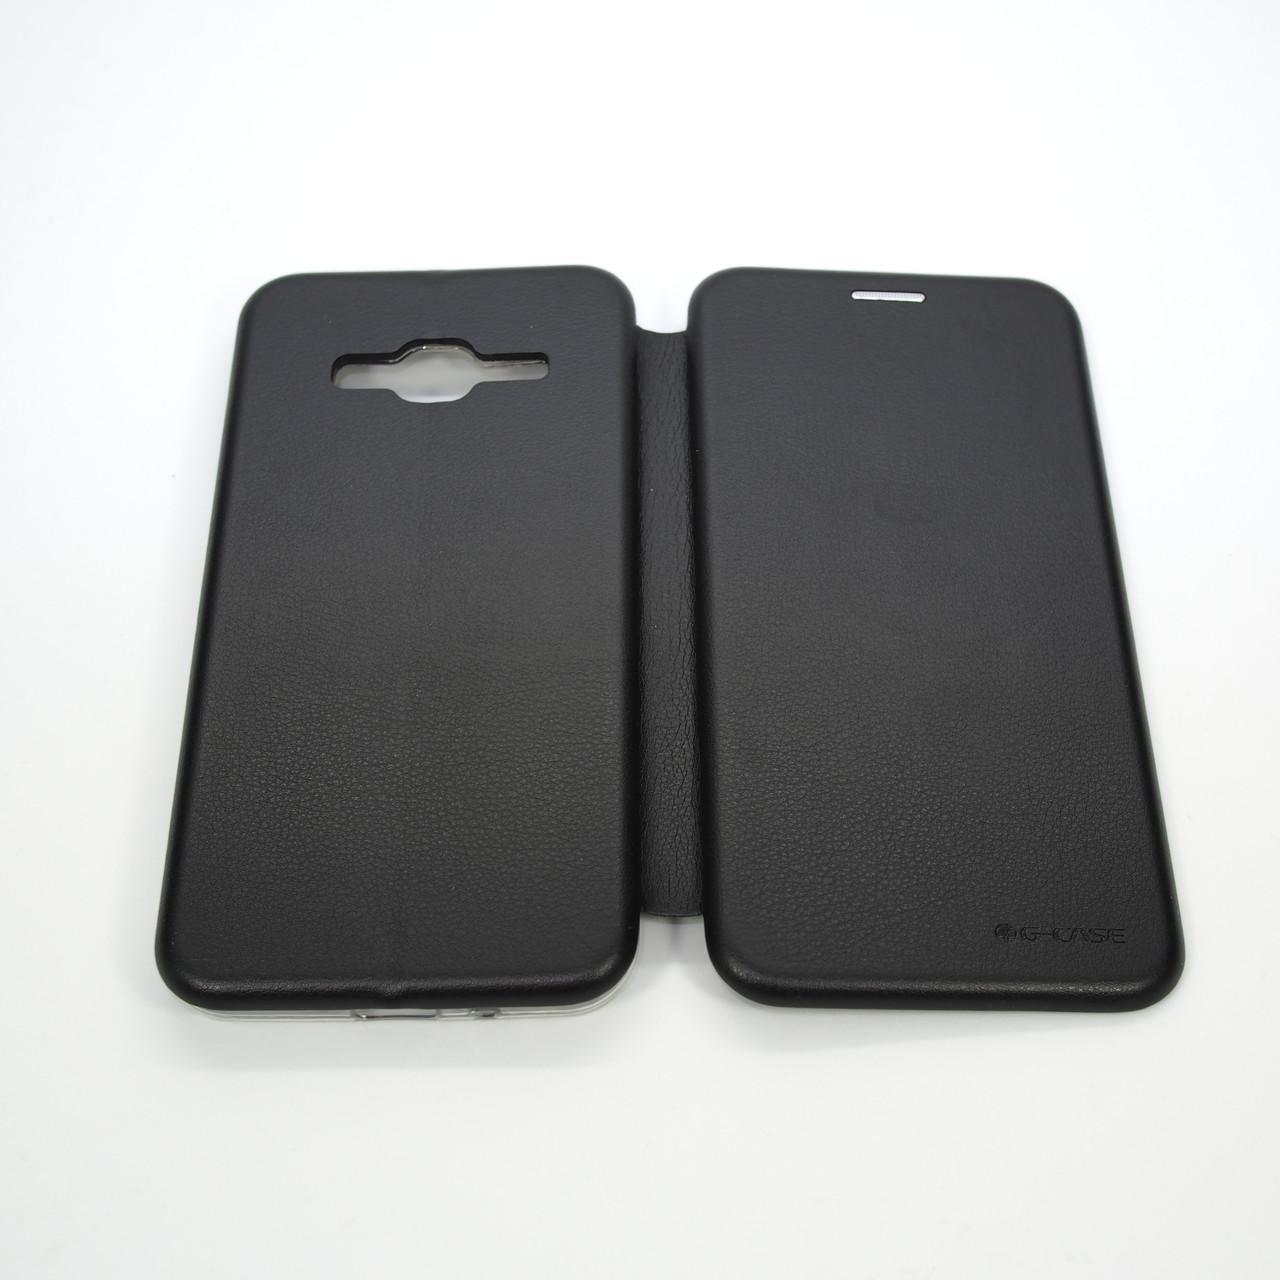 Чехлы для Galaxy J Series (остальные модели) G-Case Samsung J320 black J3 (J337) 2018